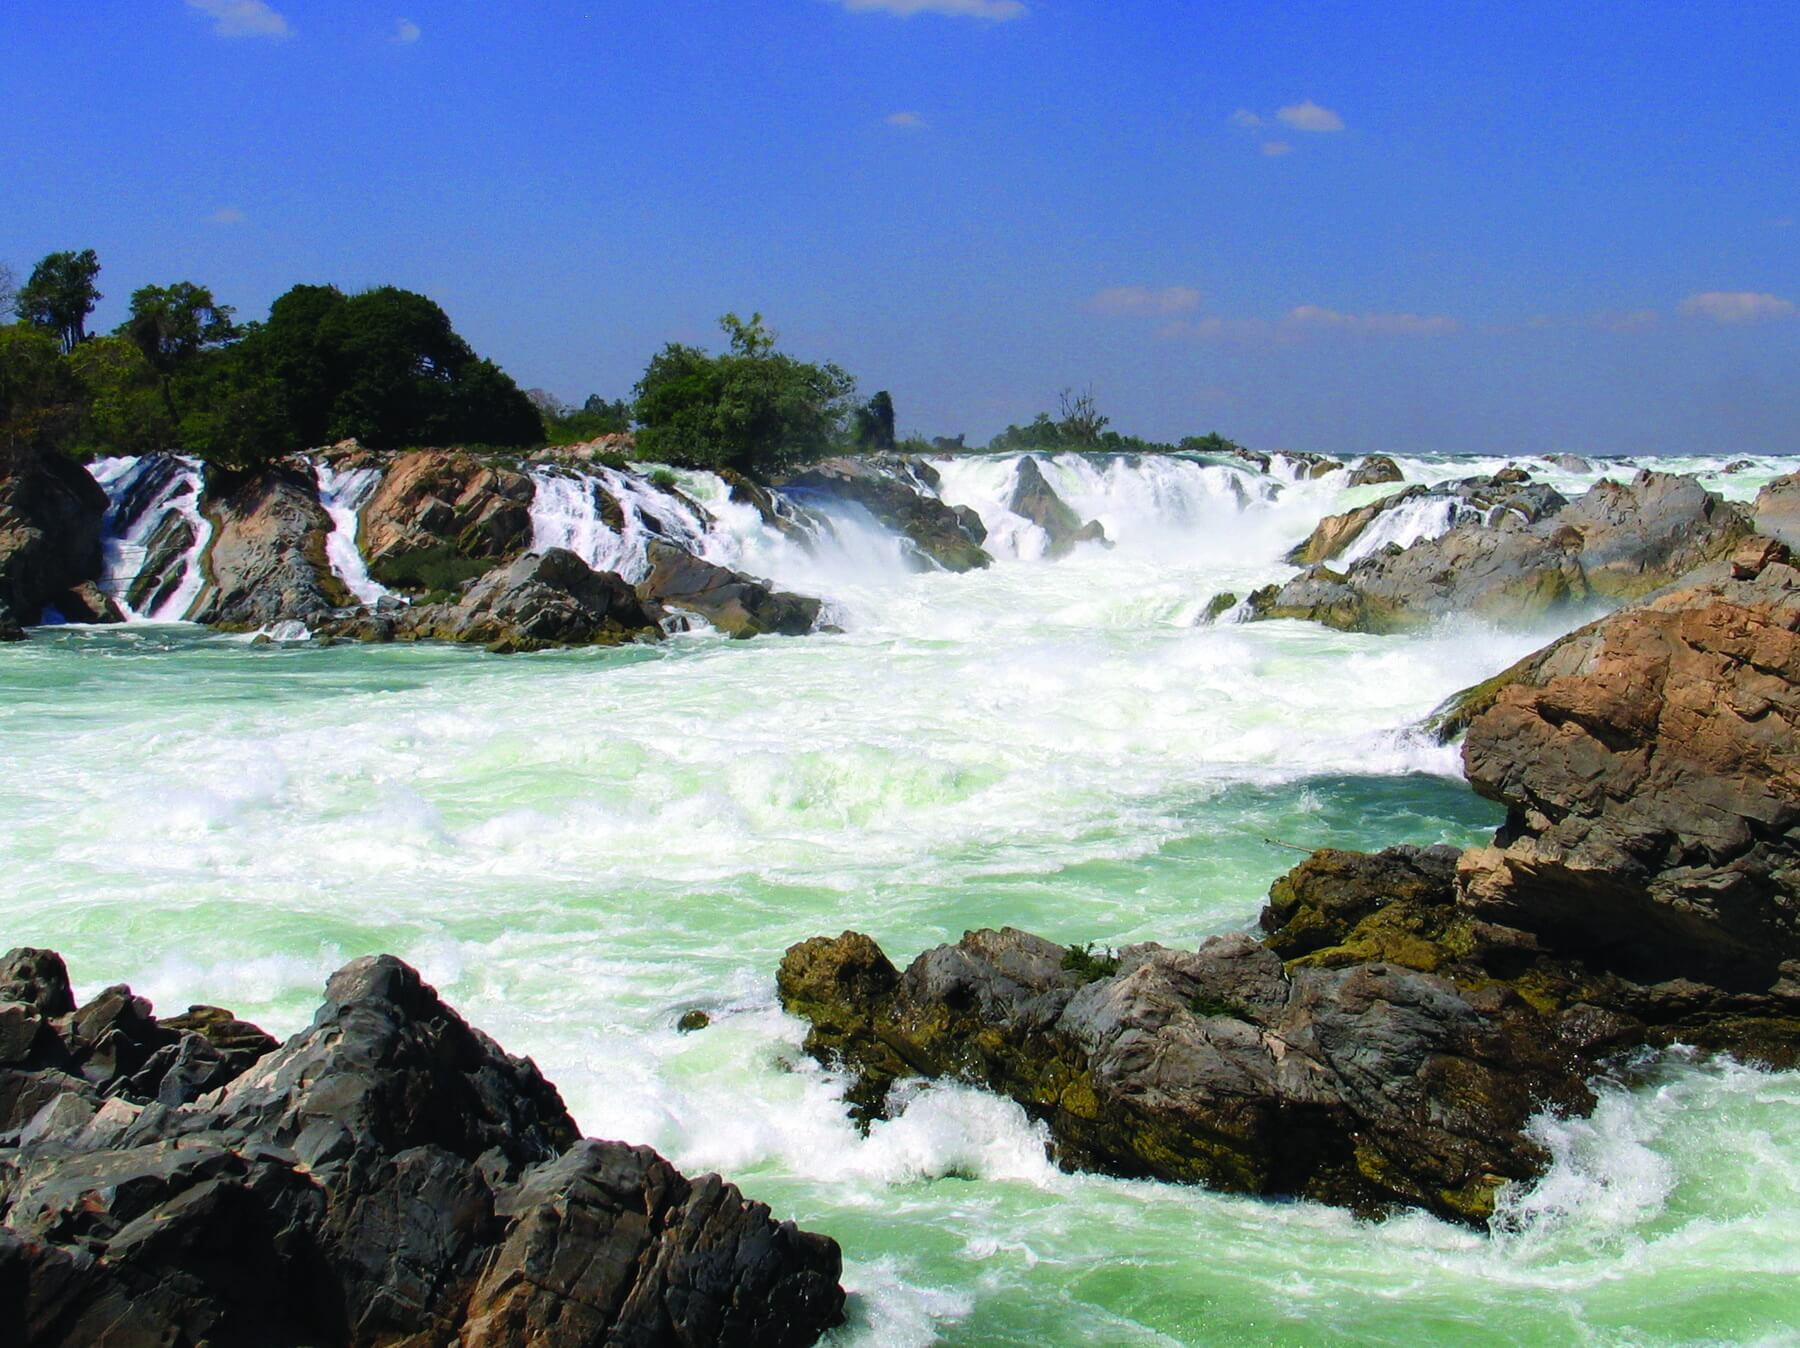 Die Mekongfälle liegen in der Provinz Champasak. Der kaskadenartige Wasserfall liegt an der Grenze zu Kambodscha.